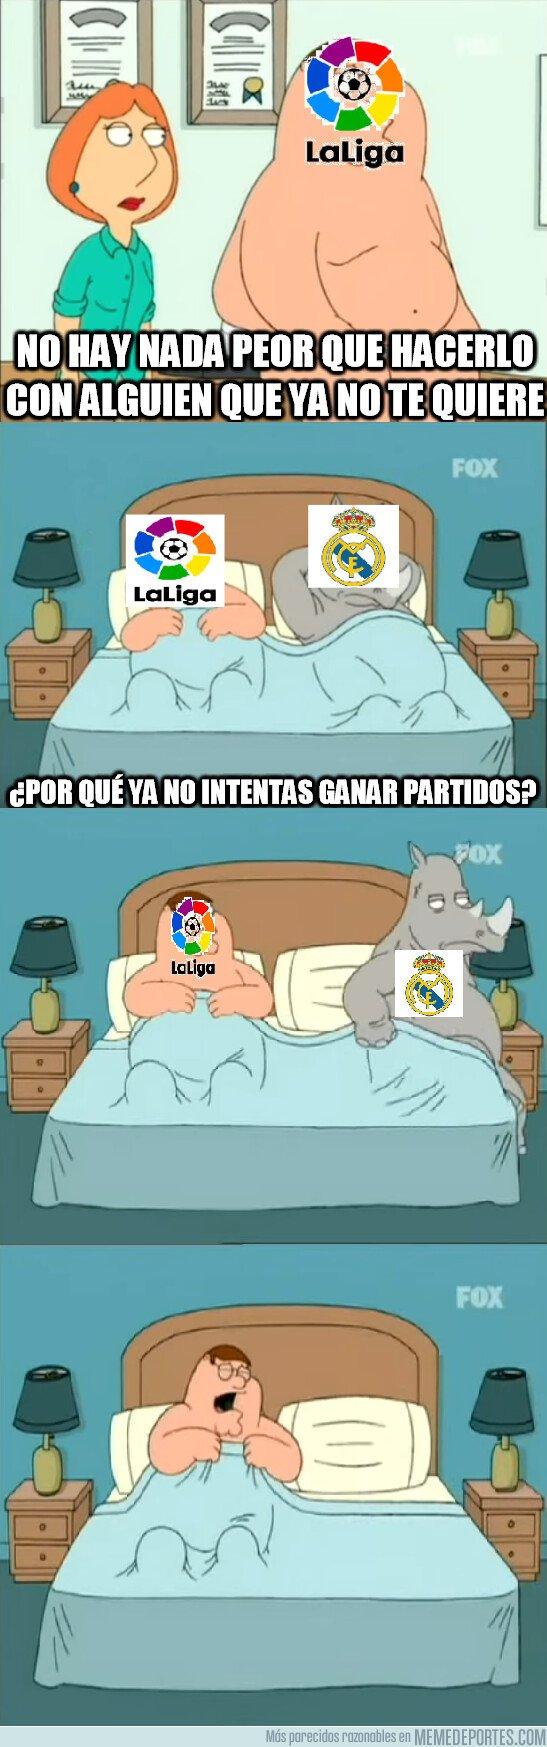 1060904 - La liga muy despechada por el Madrid estos últimos años